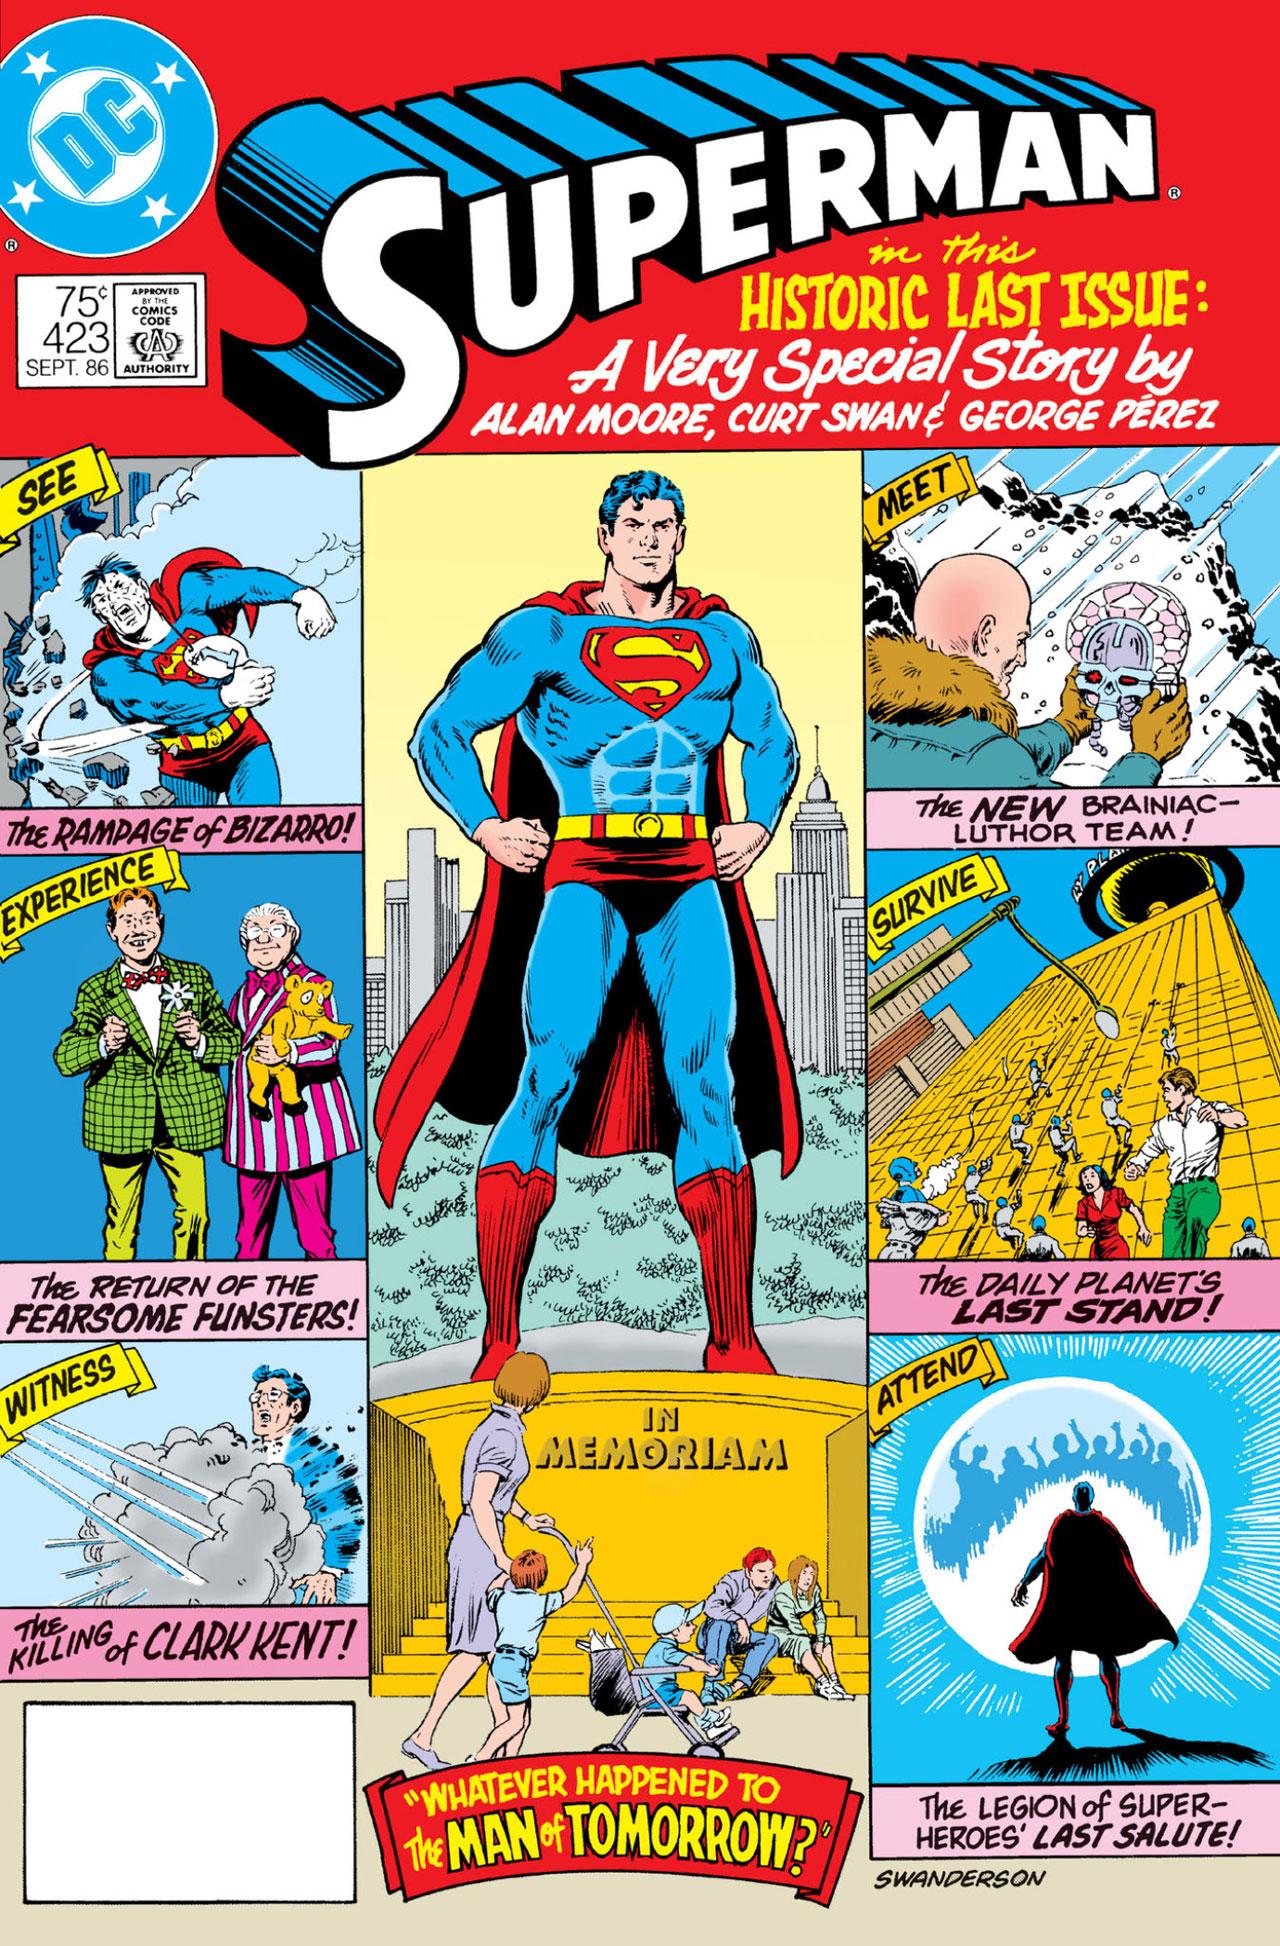 Superman-Whatever-Happened.jpg